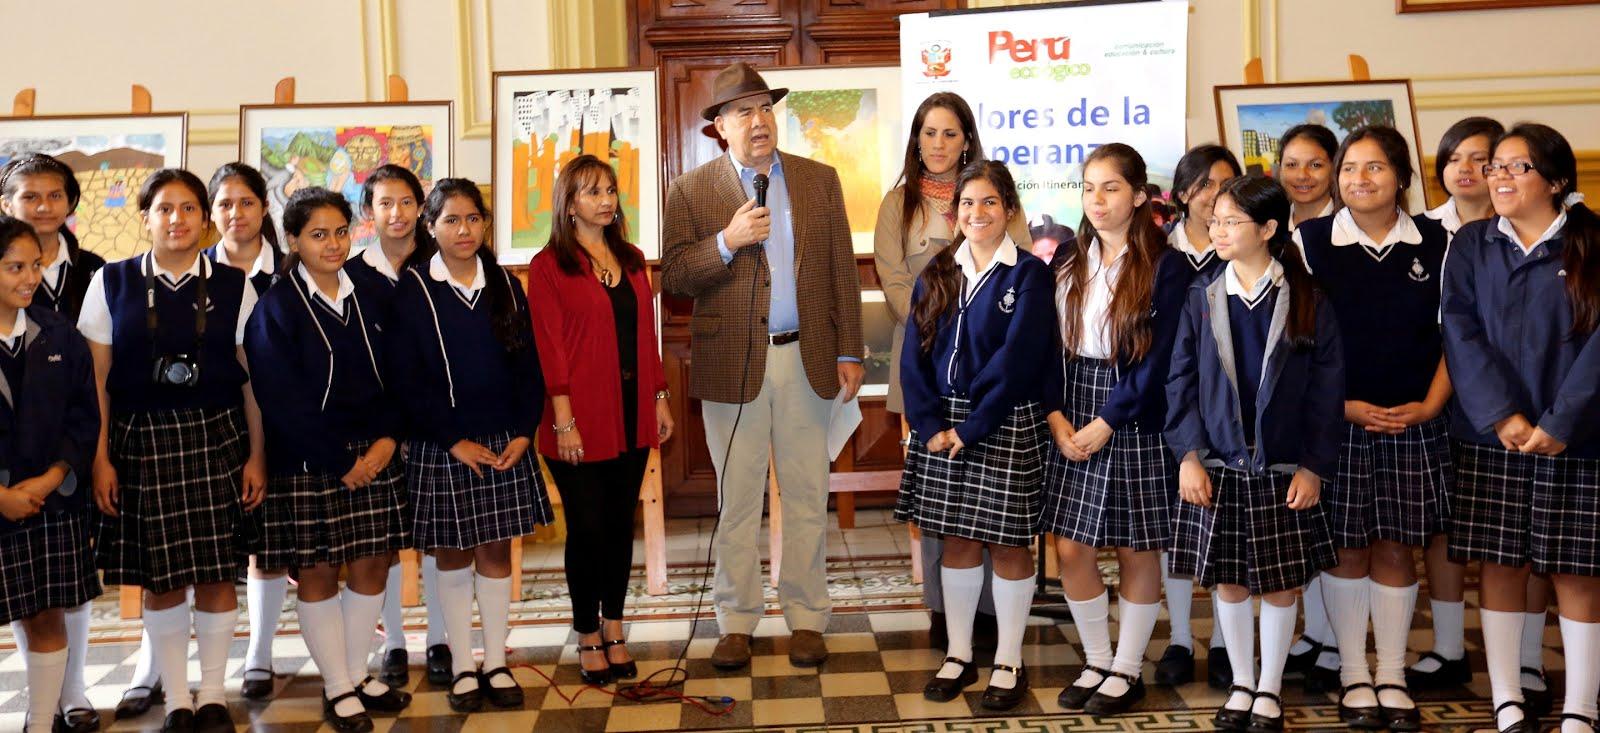 Exposición pictórica Perú Ecológico Colores de la Esperanza